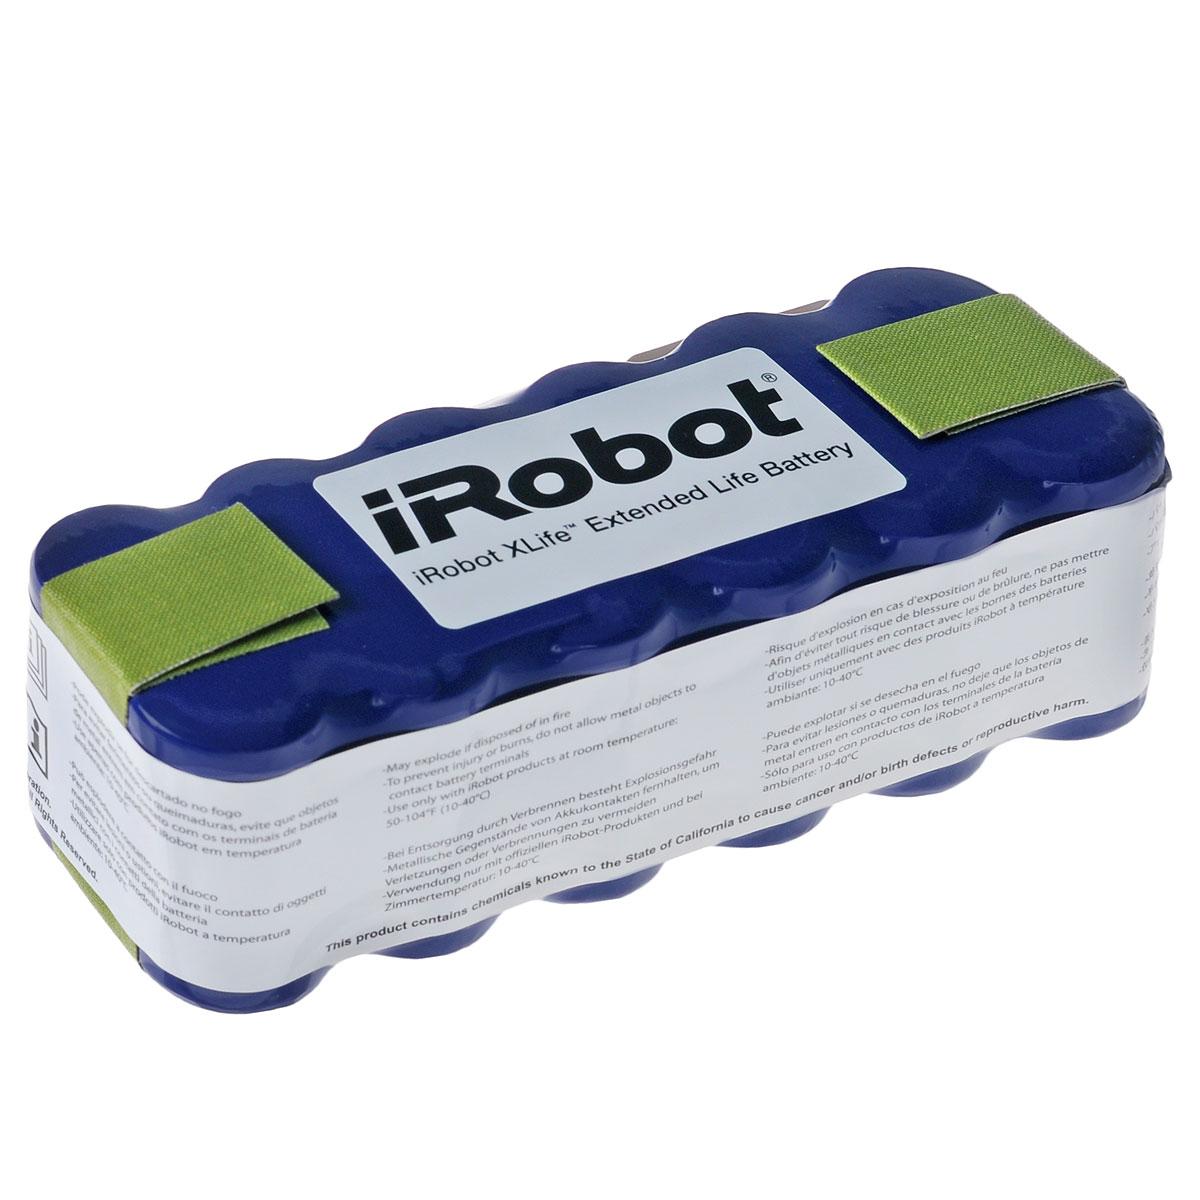 iRobot аккумуляторная батарея для Roomba, BlueiR1102Никельметаллгидридная аккумуляторная батарея с функцией перезарядки. Подходит для всех серий роботов- пылесосов iRobot Roomba и Scooba 450. Напряжение полностью заряженного аккумулятора 18 Вольт. Батарея устанавливается путем снятия нижней панели с пылесоса. Для контроля перегрева устройство имеет терморезистор. В случае перегрева робот-пылесос прекращает работу и продолжает ее после остывания батареи.